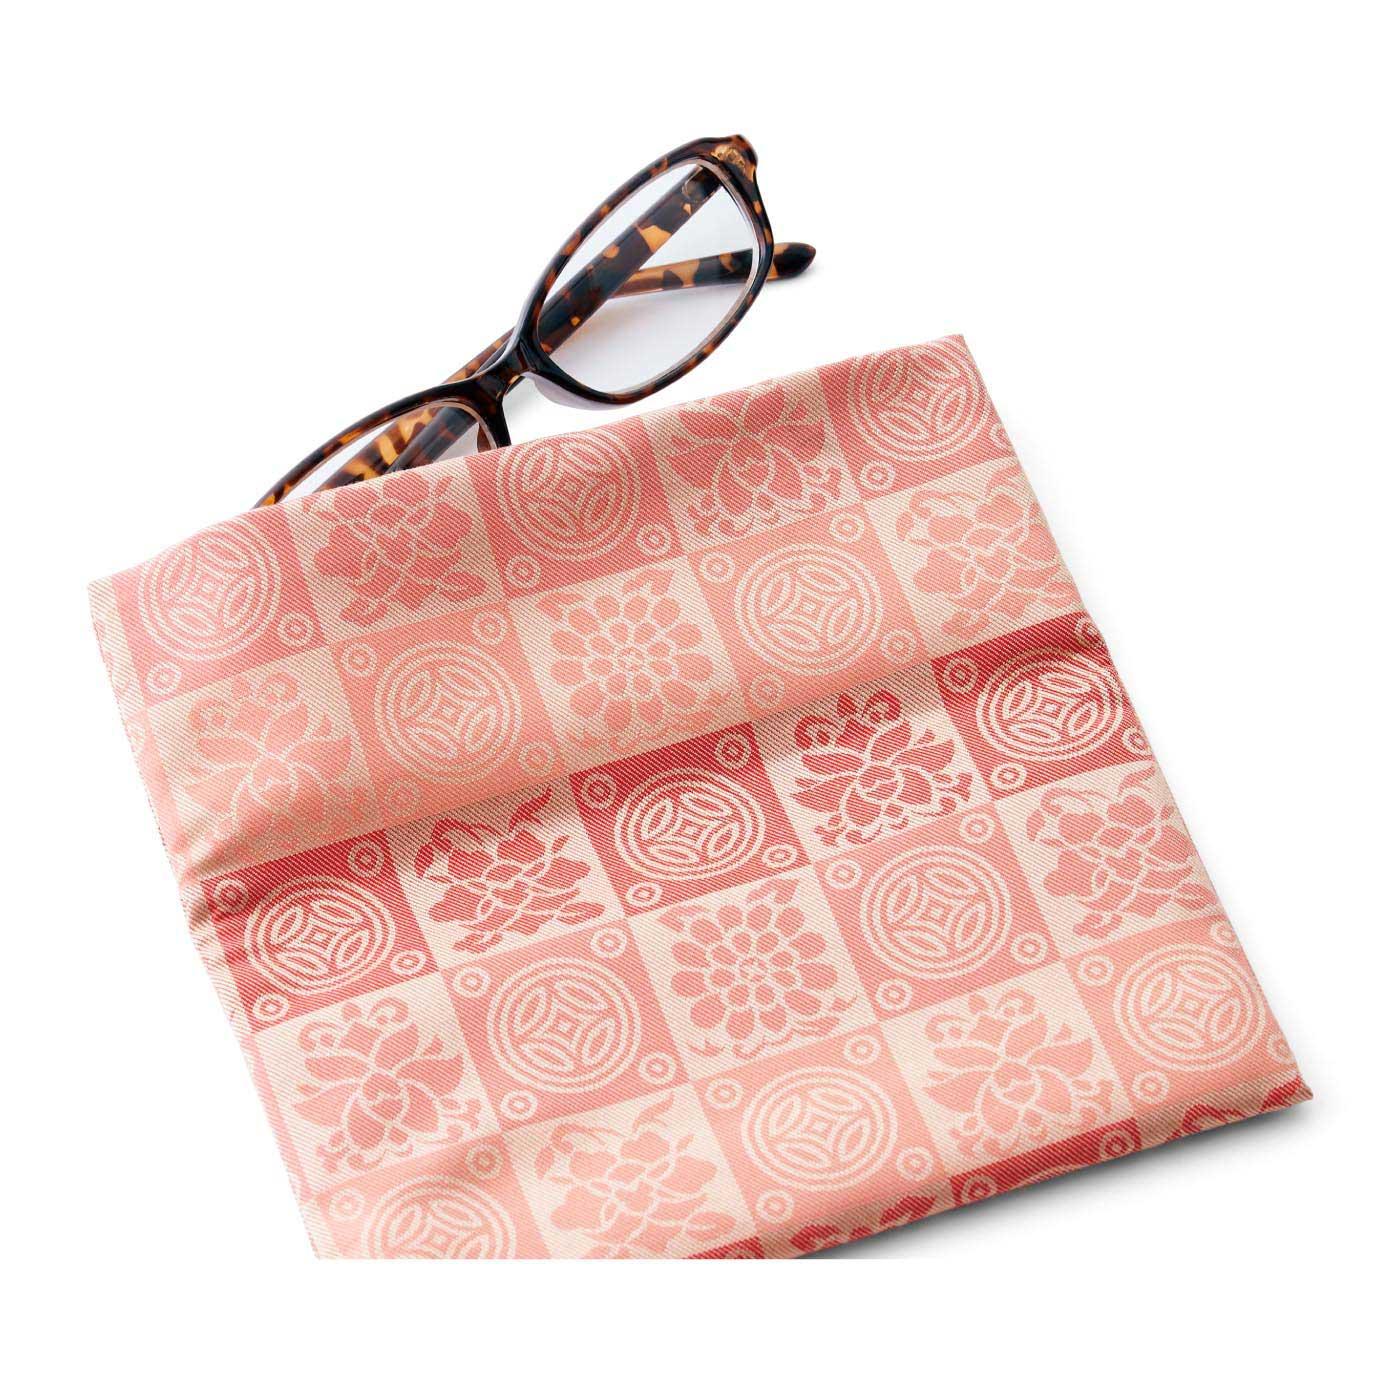 正方形に本仕立てした絹の数珠袋。眼鏡入れなどにも。